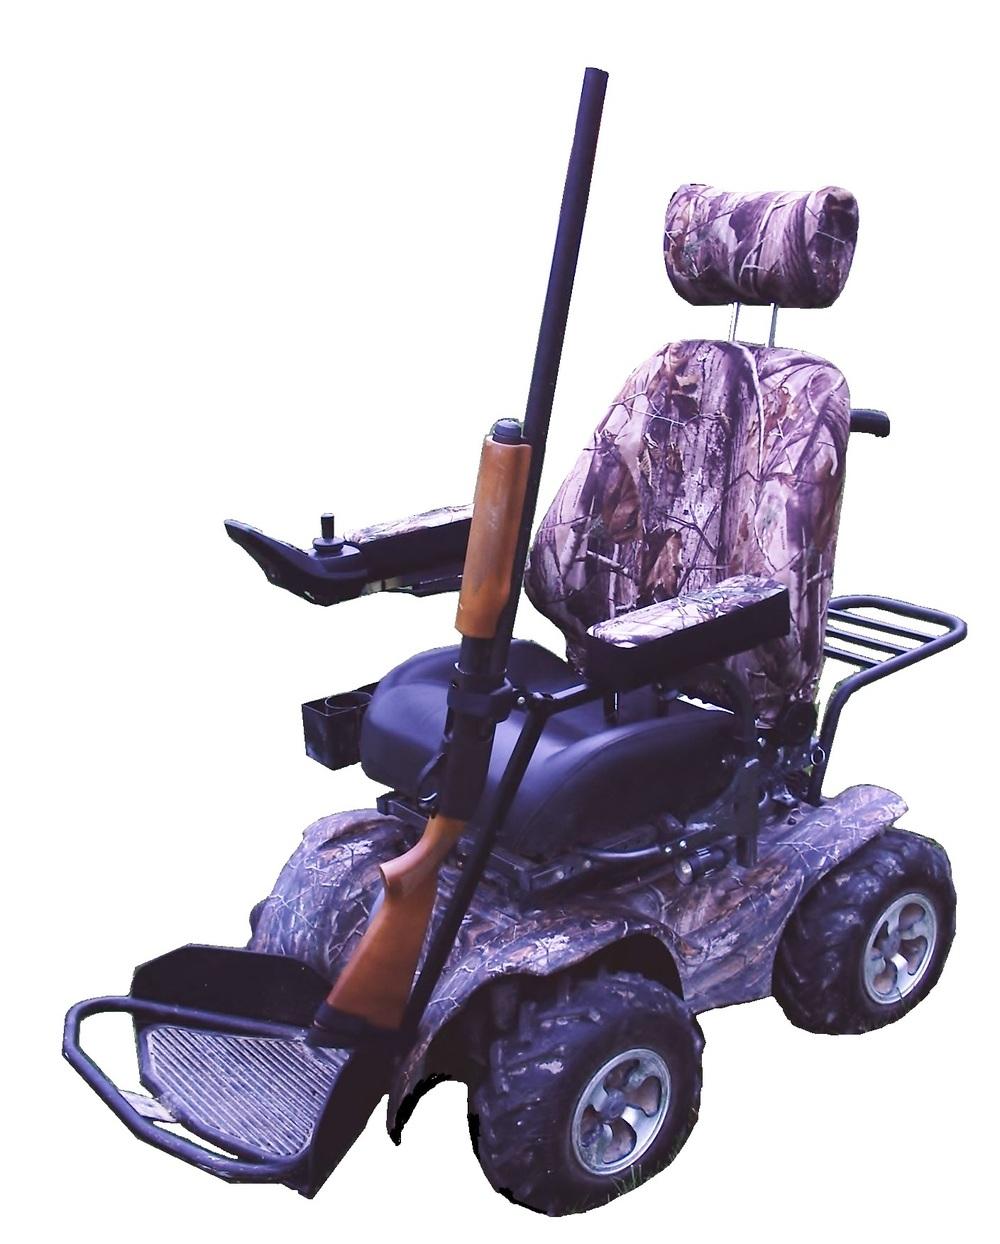 camo chair with gun mount- light.jpg